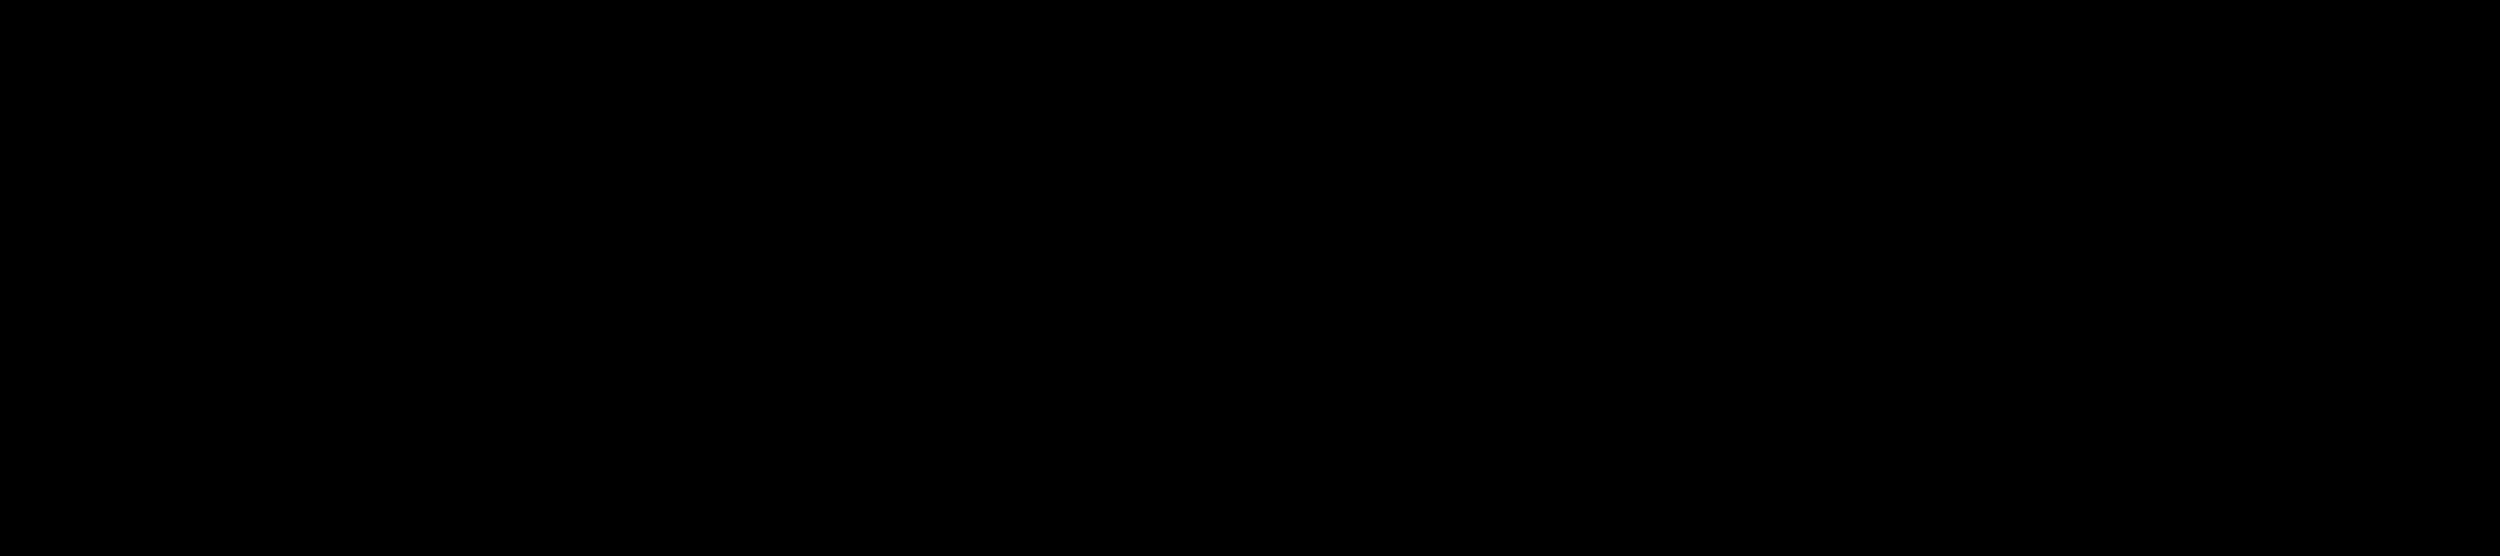 Elevation180 Logo Black.png